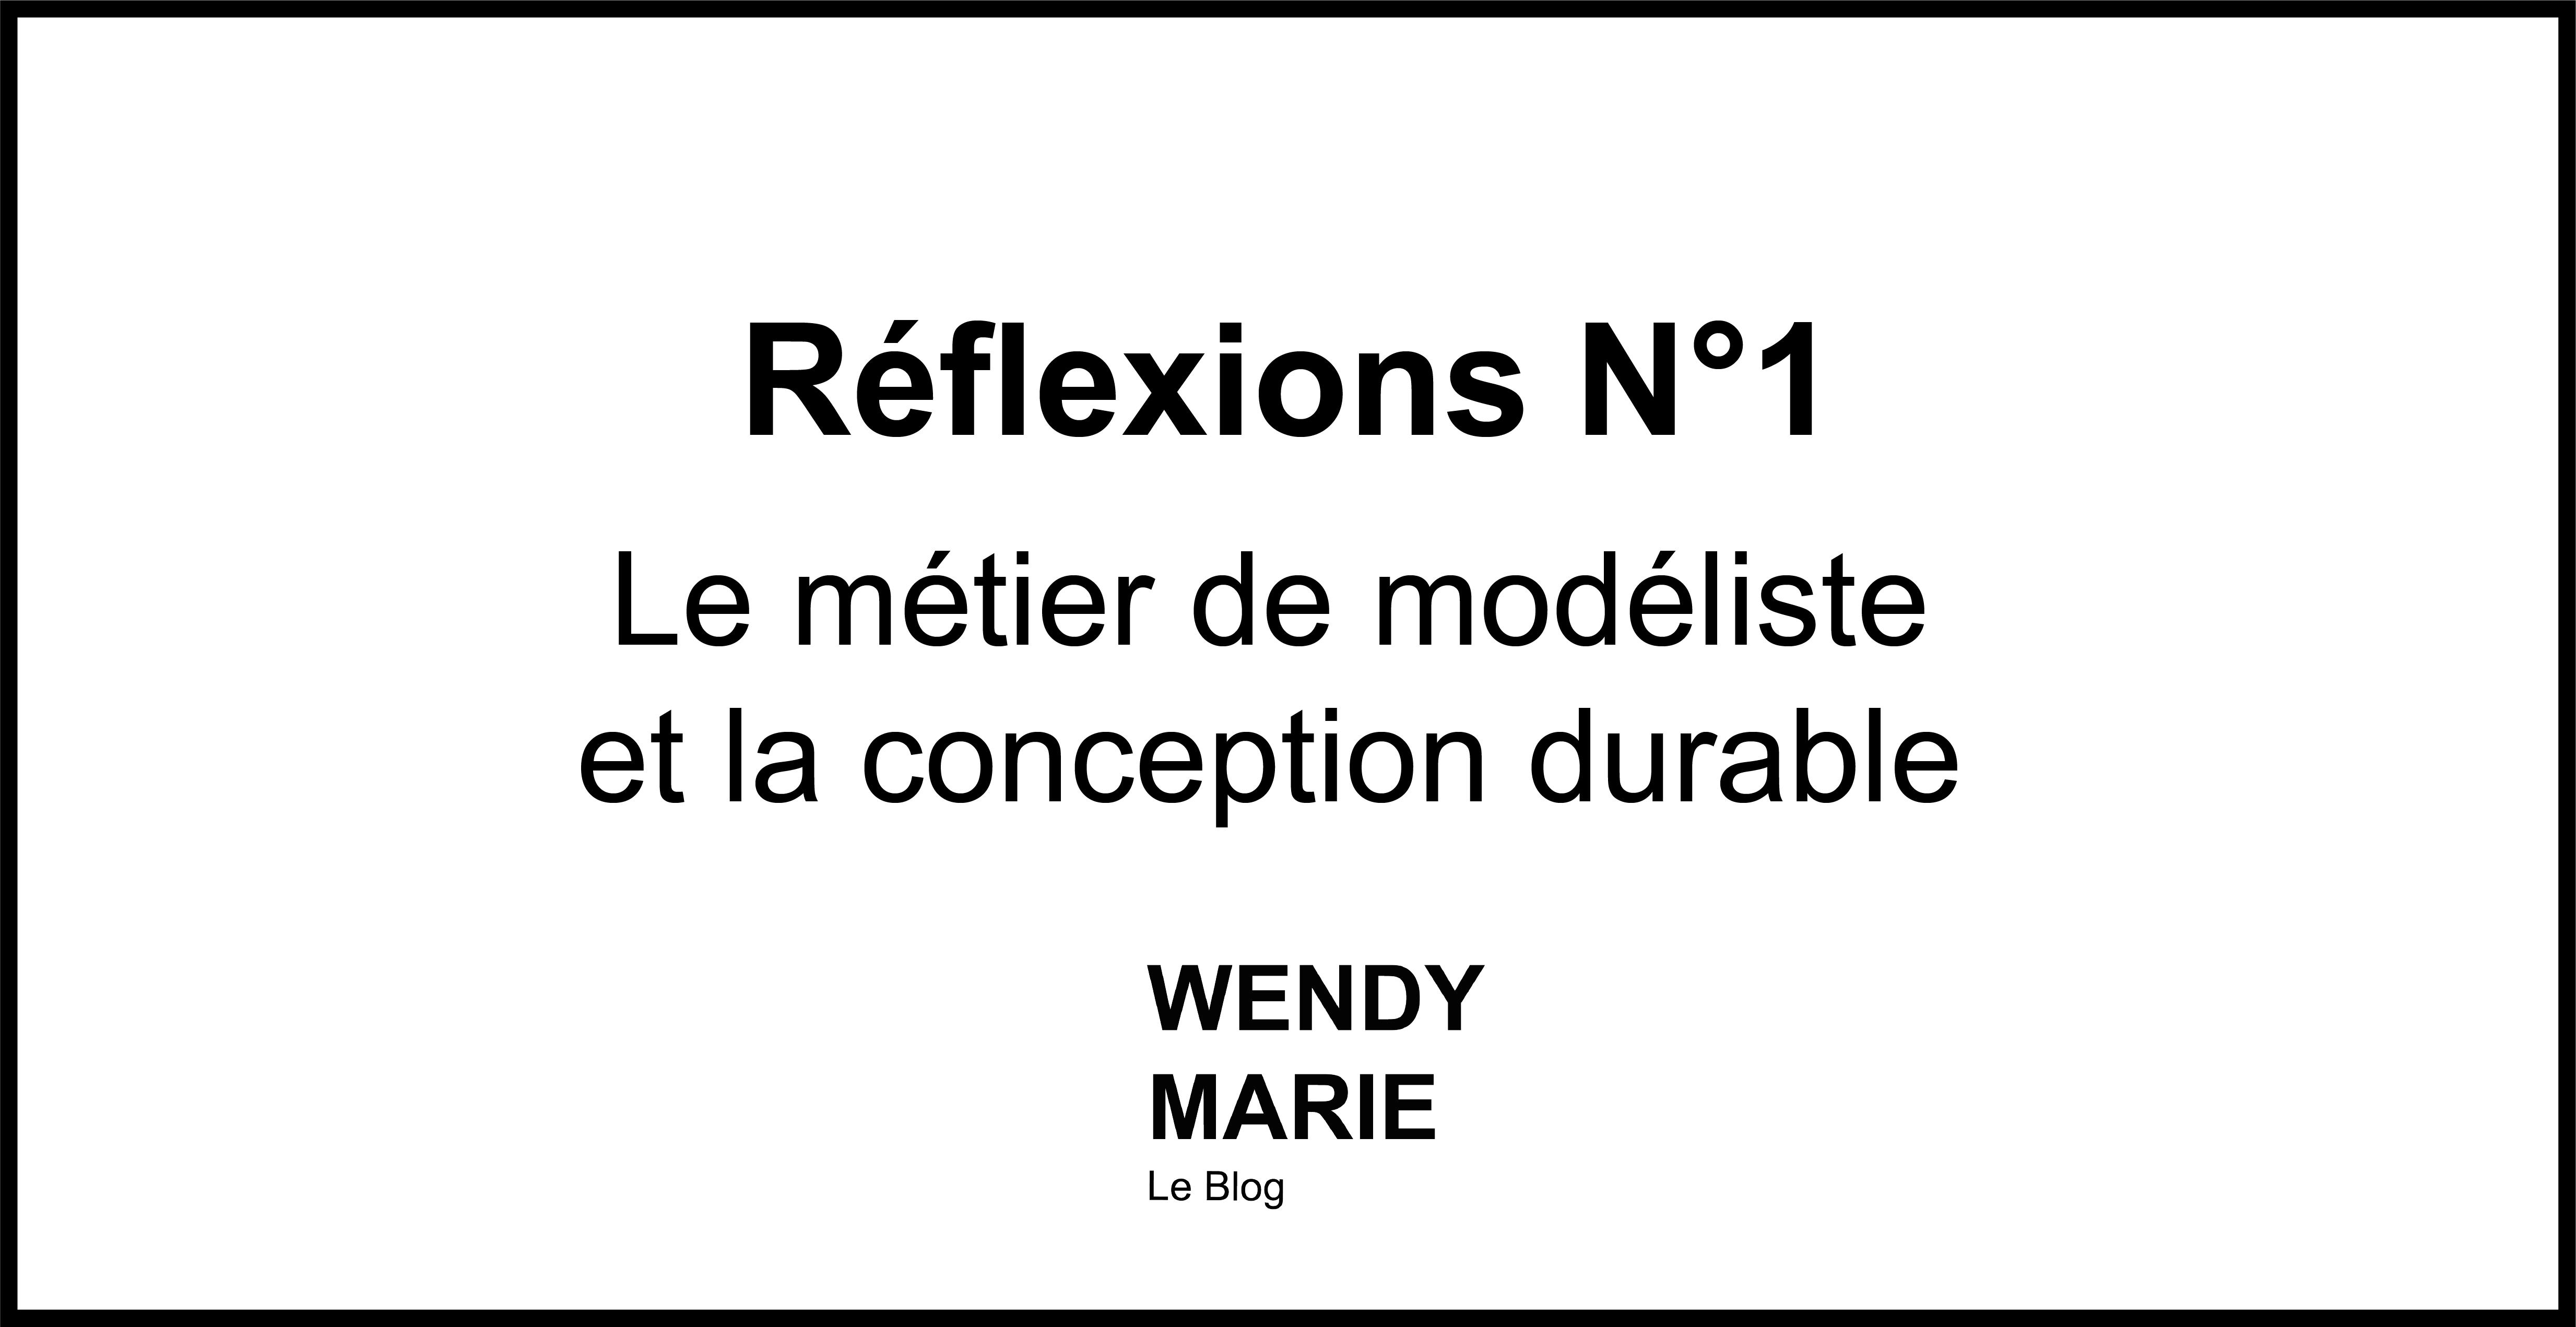 RÉFLEXIONS N°1 : Le métier de modéliste et la conception durable